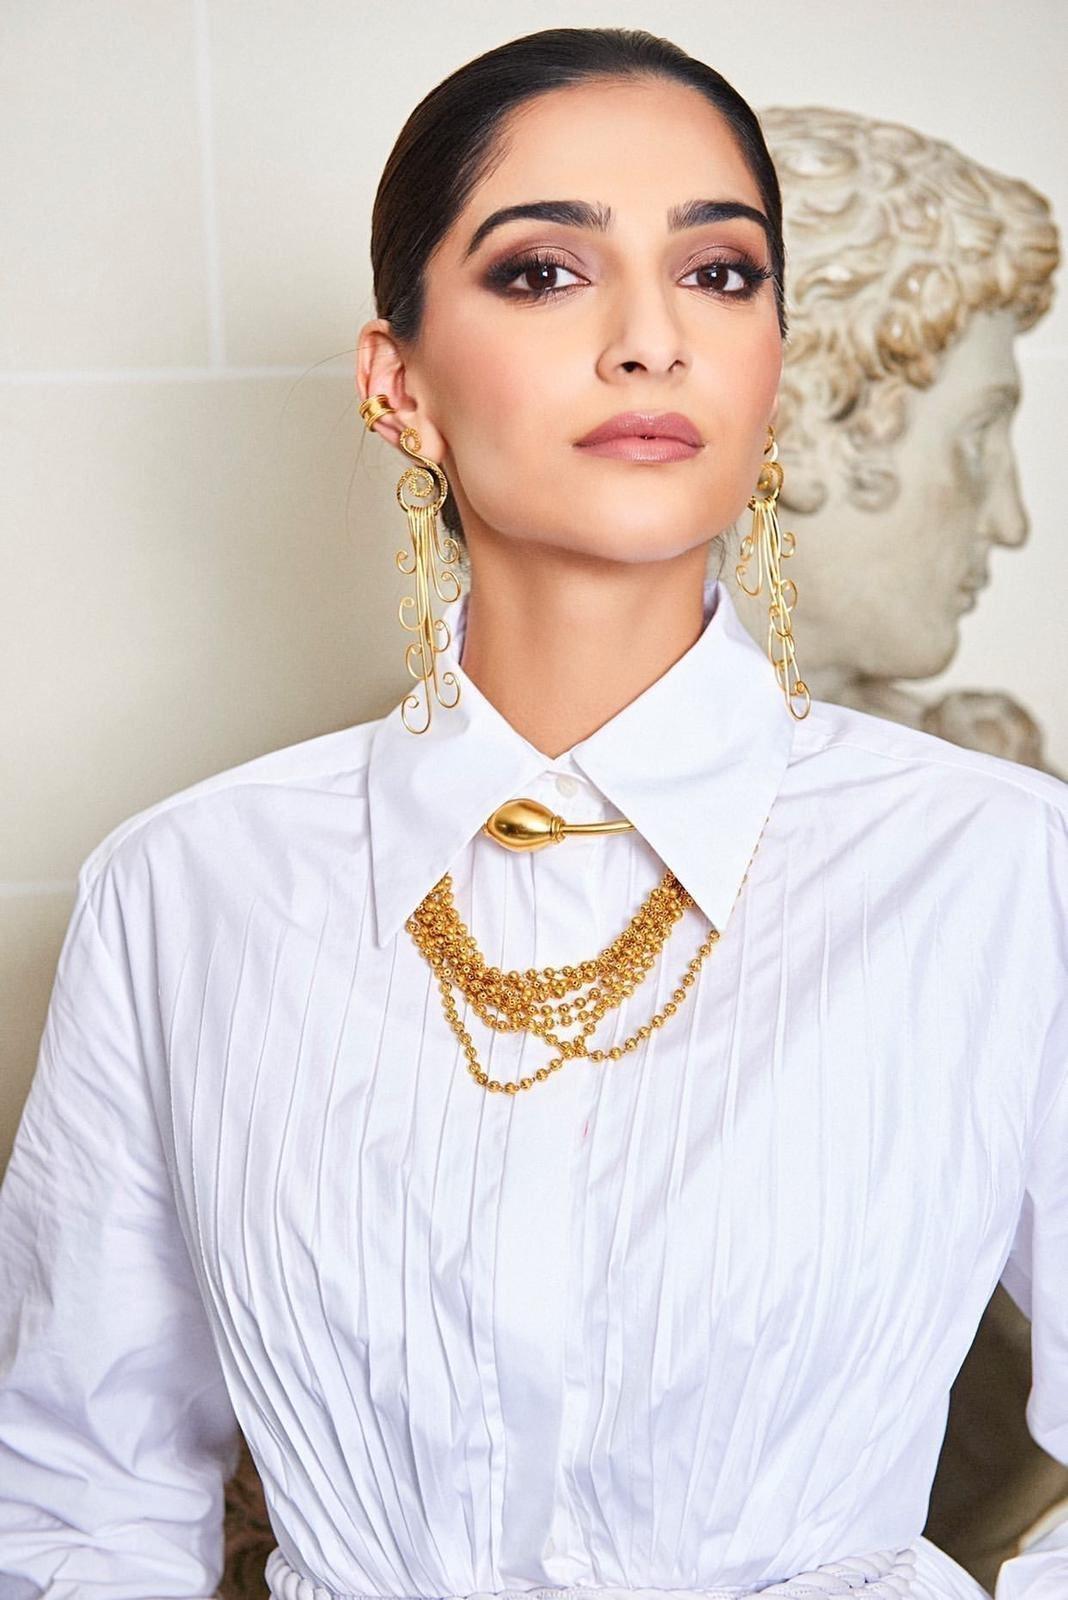 Photos: Sonam Kapoor For Maison Valentino Show In Paris | Picture 1718073